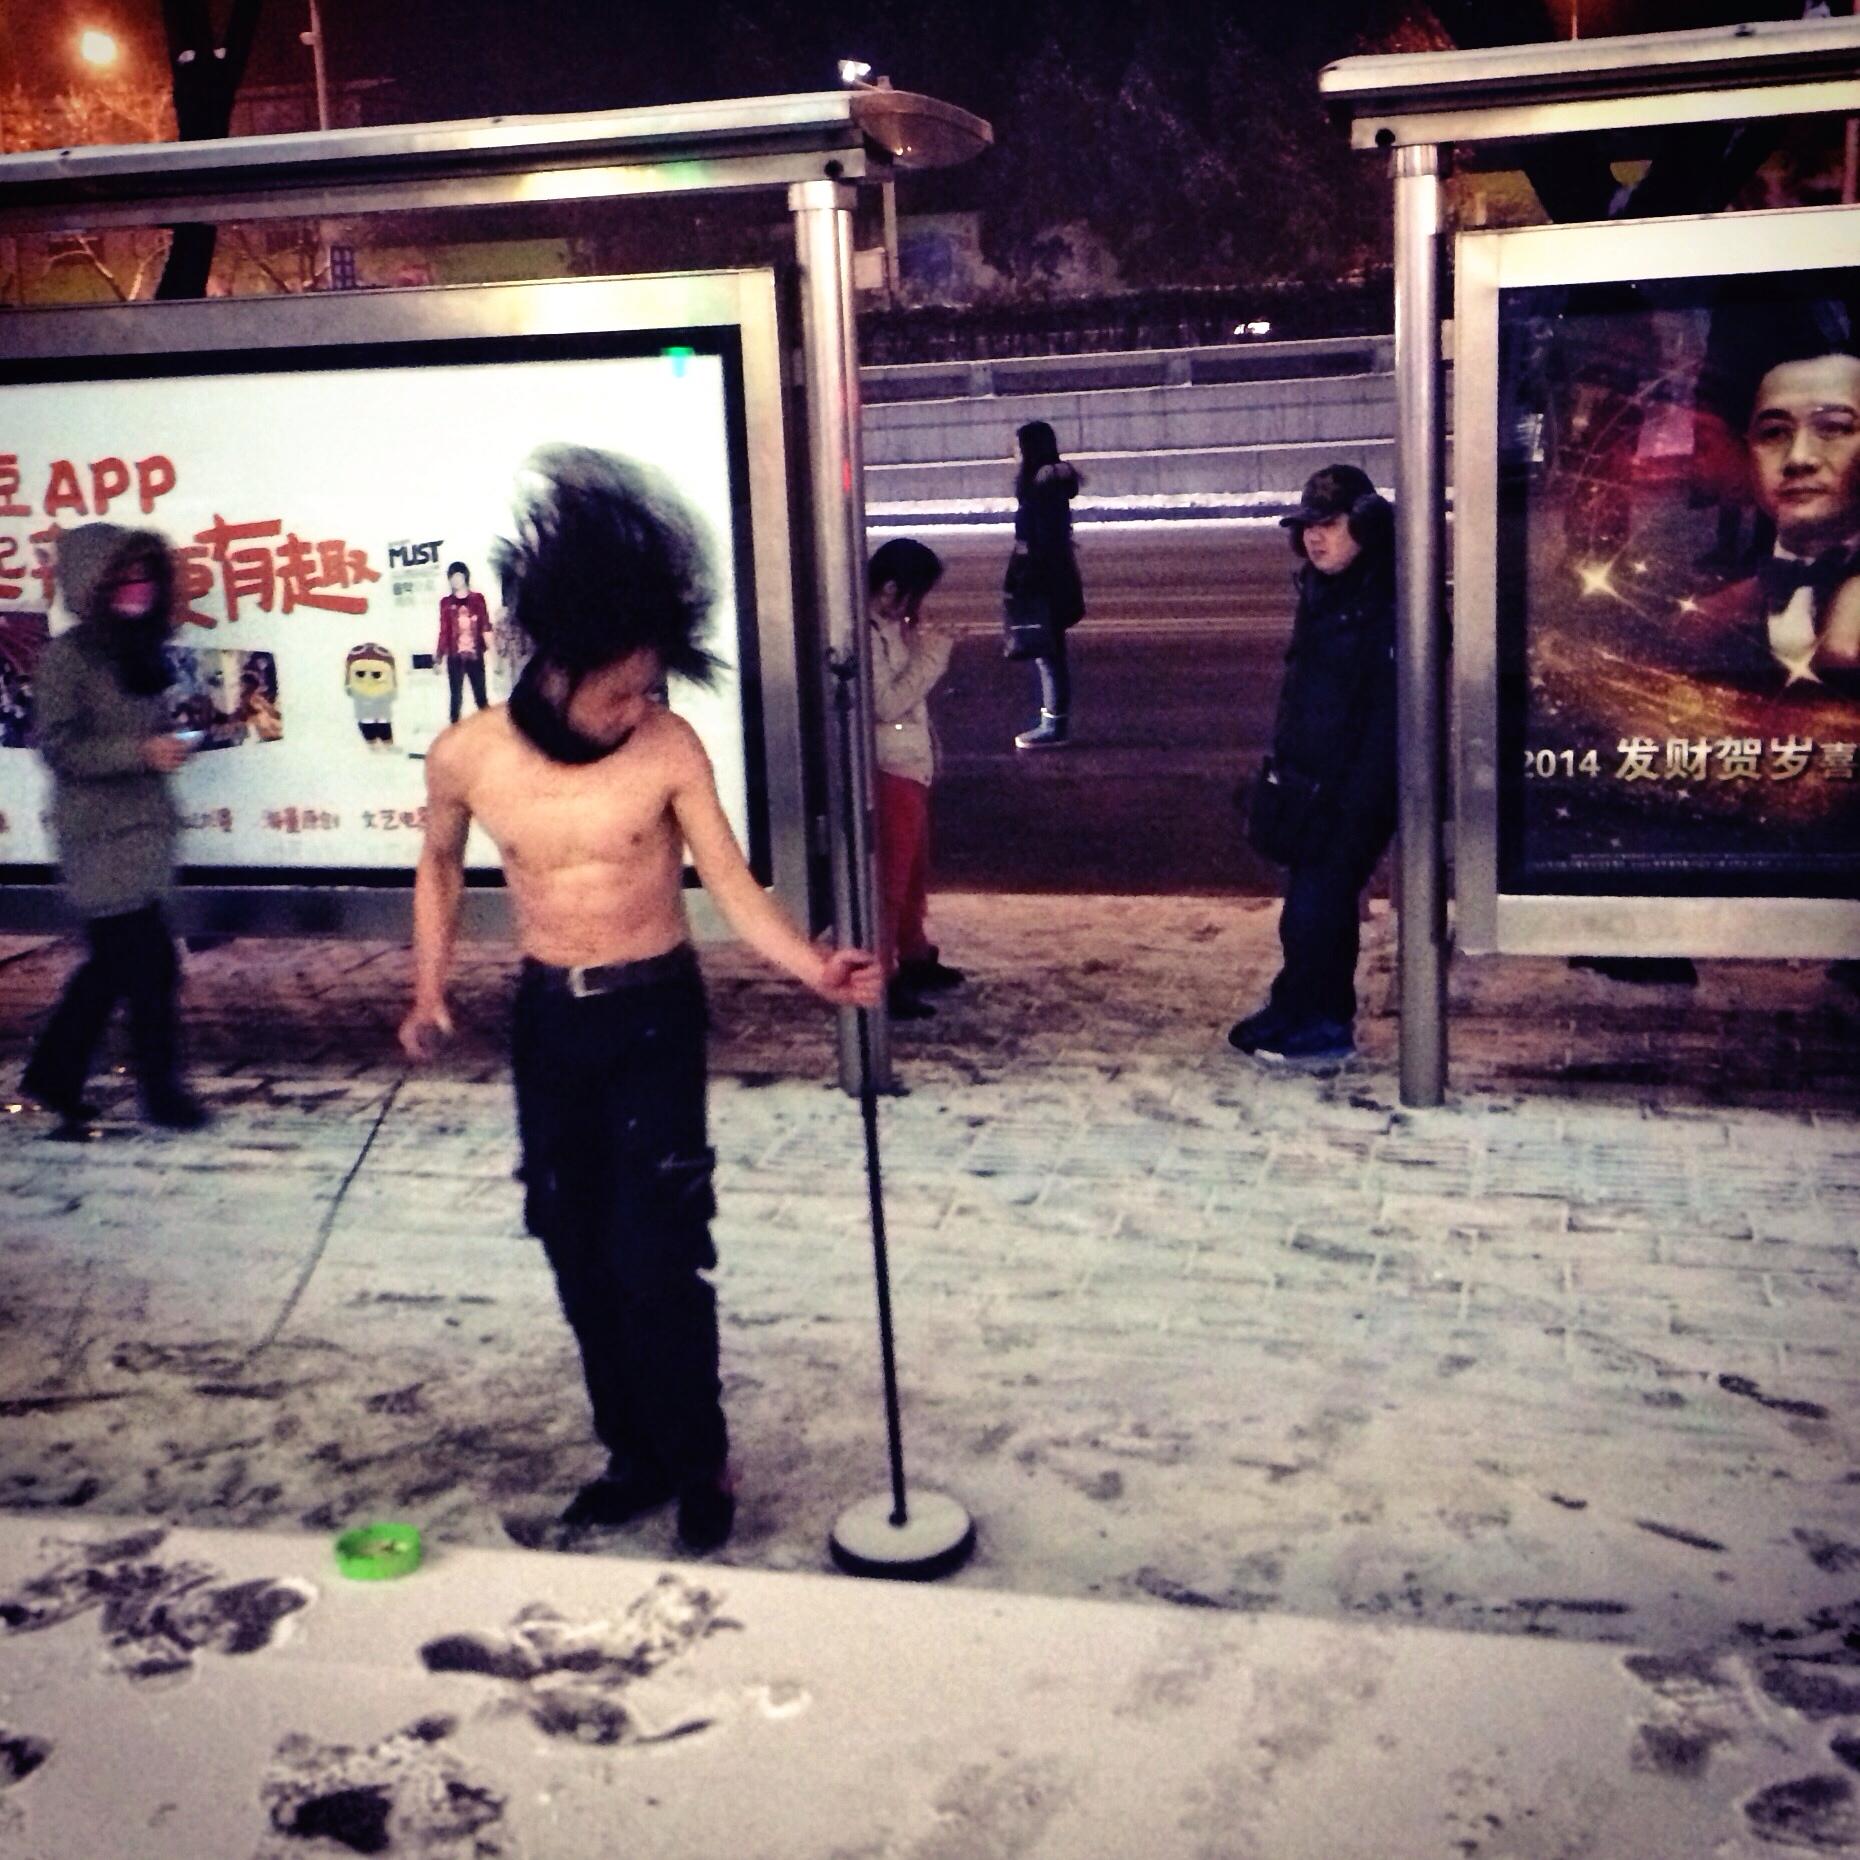 A heavy metal busker performs on a Beijing street in winter.